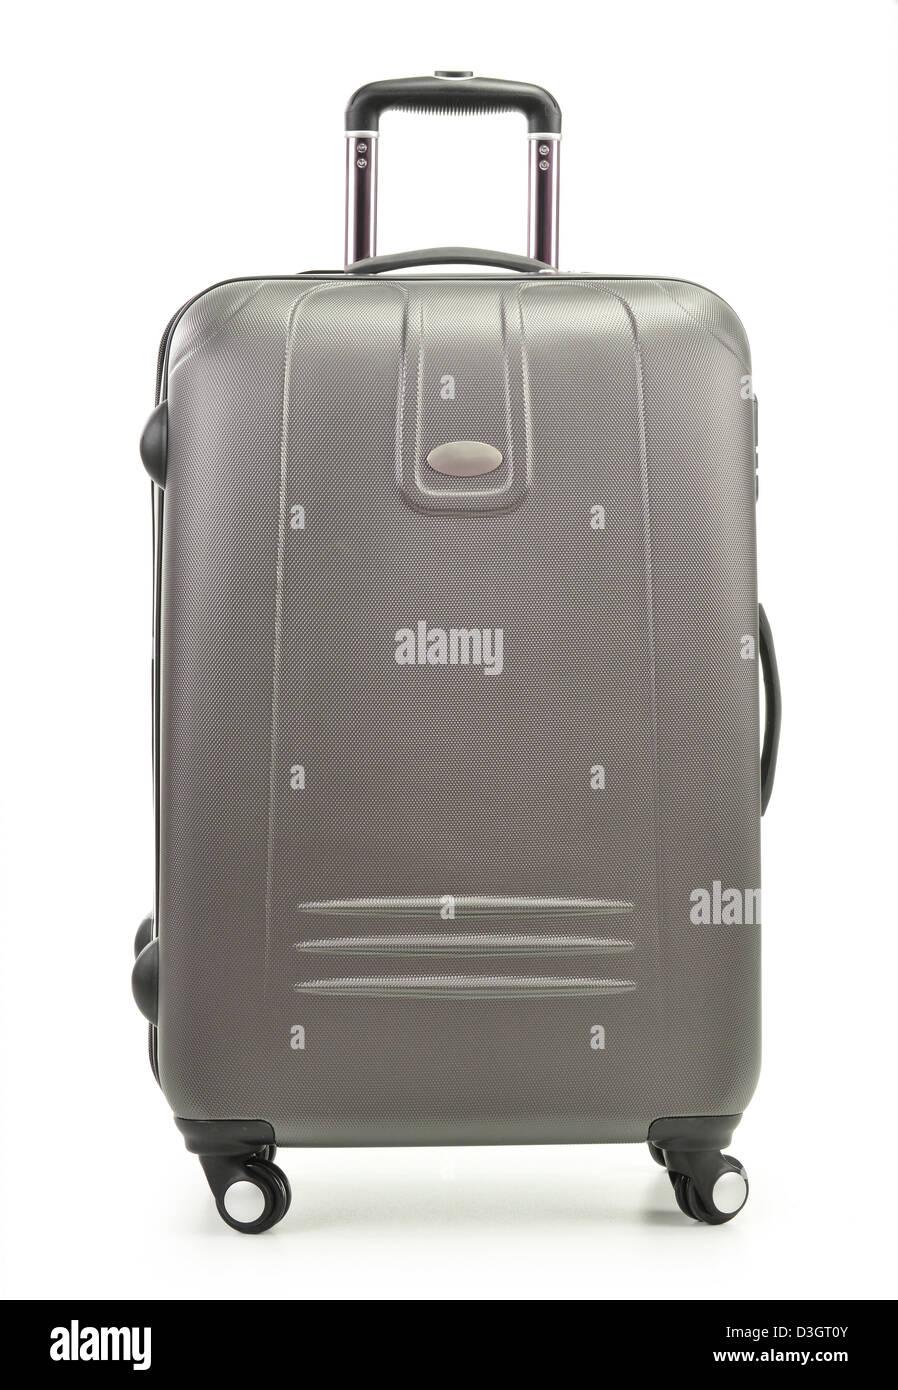 Large polycarbonate suitcase isolated on white - Stock Image